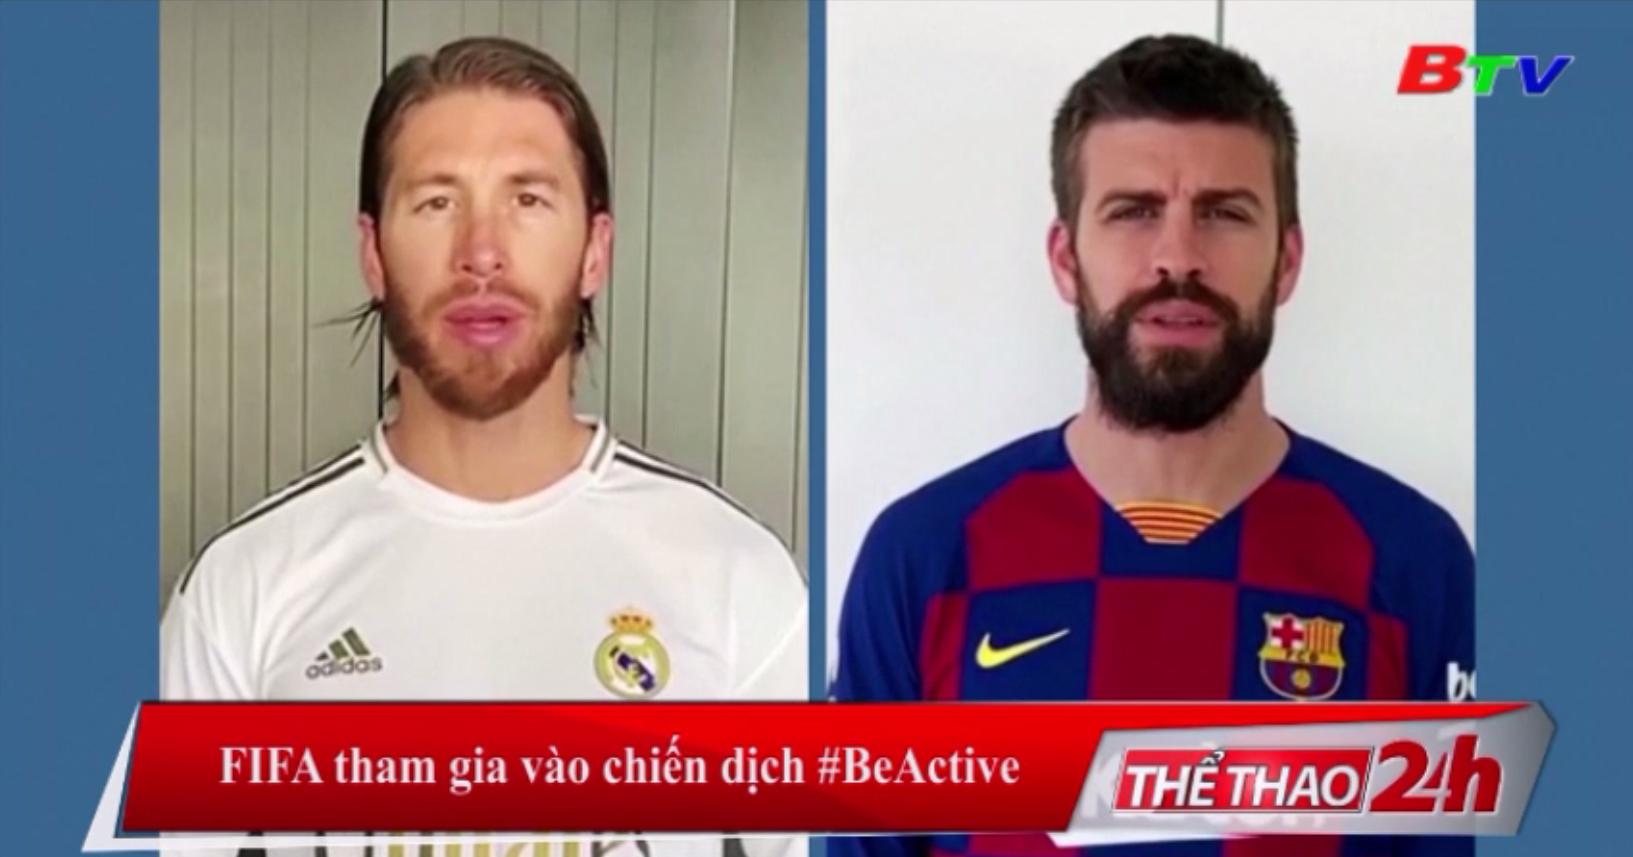 FIFA tham gia vào chiến dịch #BeActive